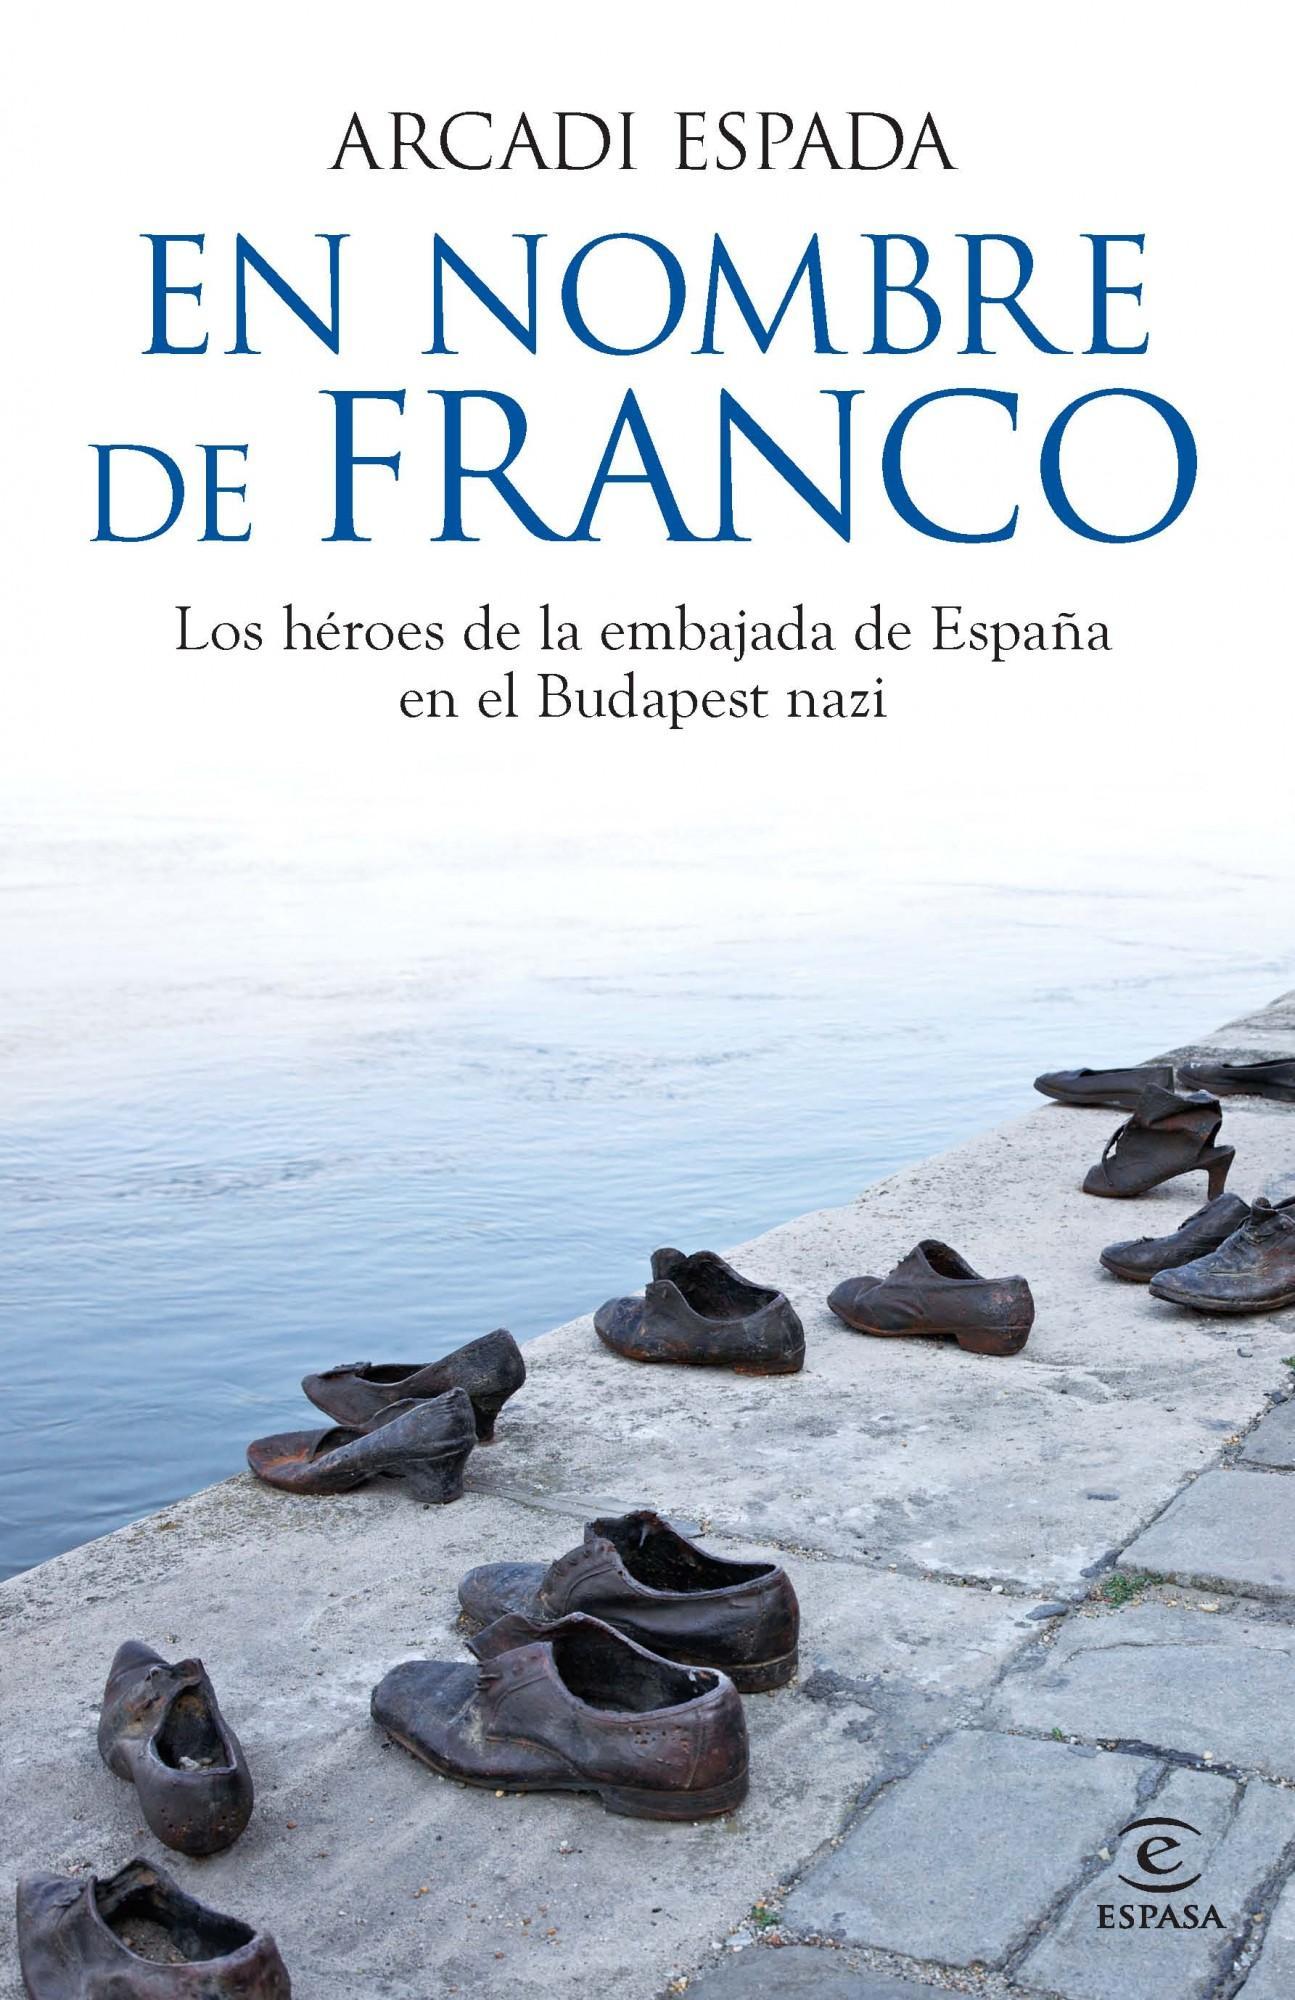 libro-arcadi-espada-nombre-franco